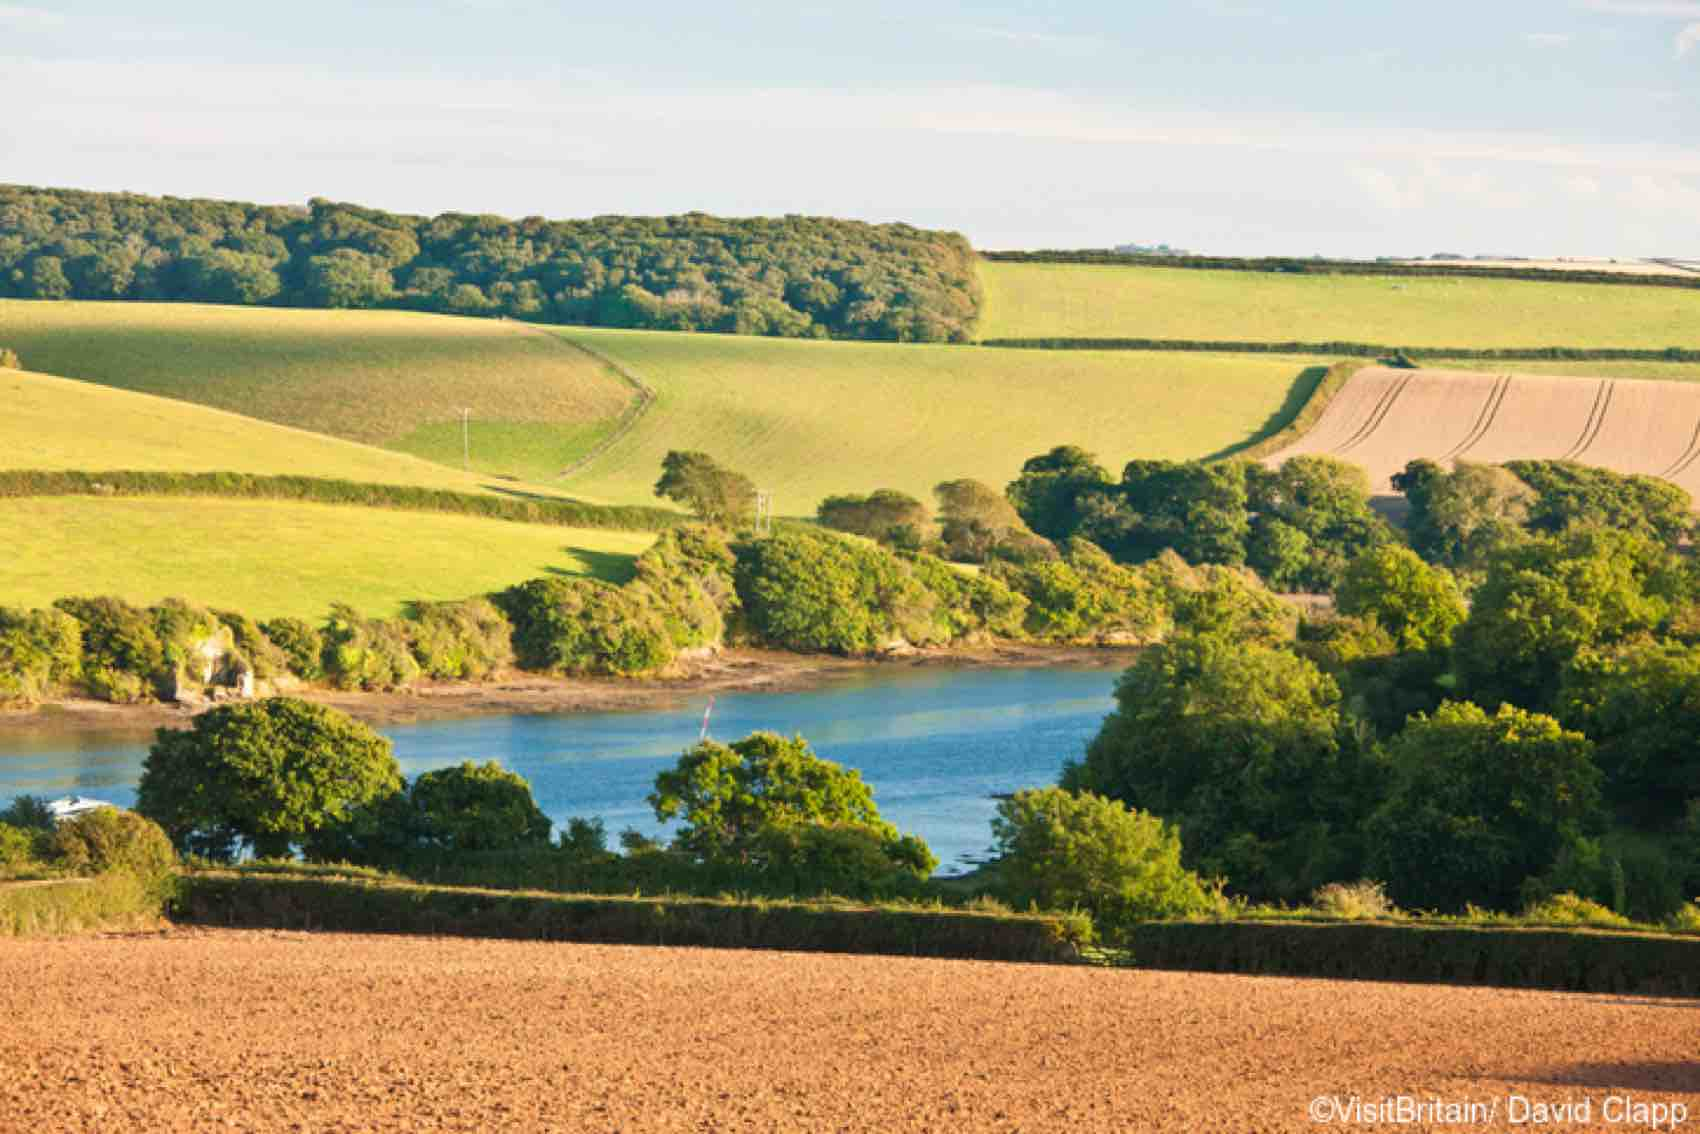 Utsikt over det bølgende landskapet i Devon, med lappeteppe av åker og hekker. Over landsbyen Southpool.